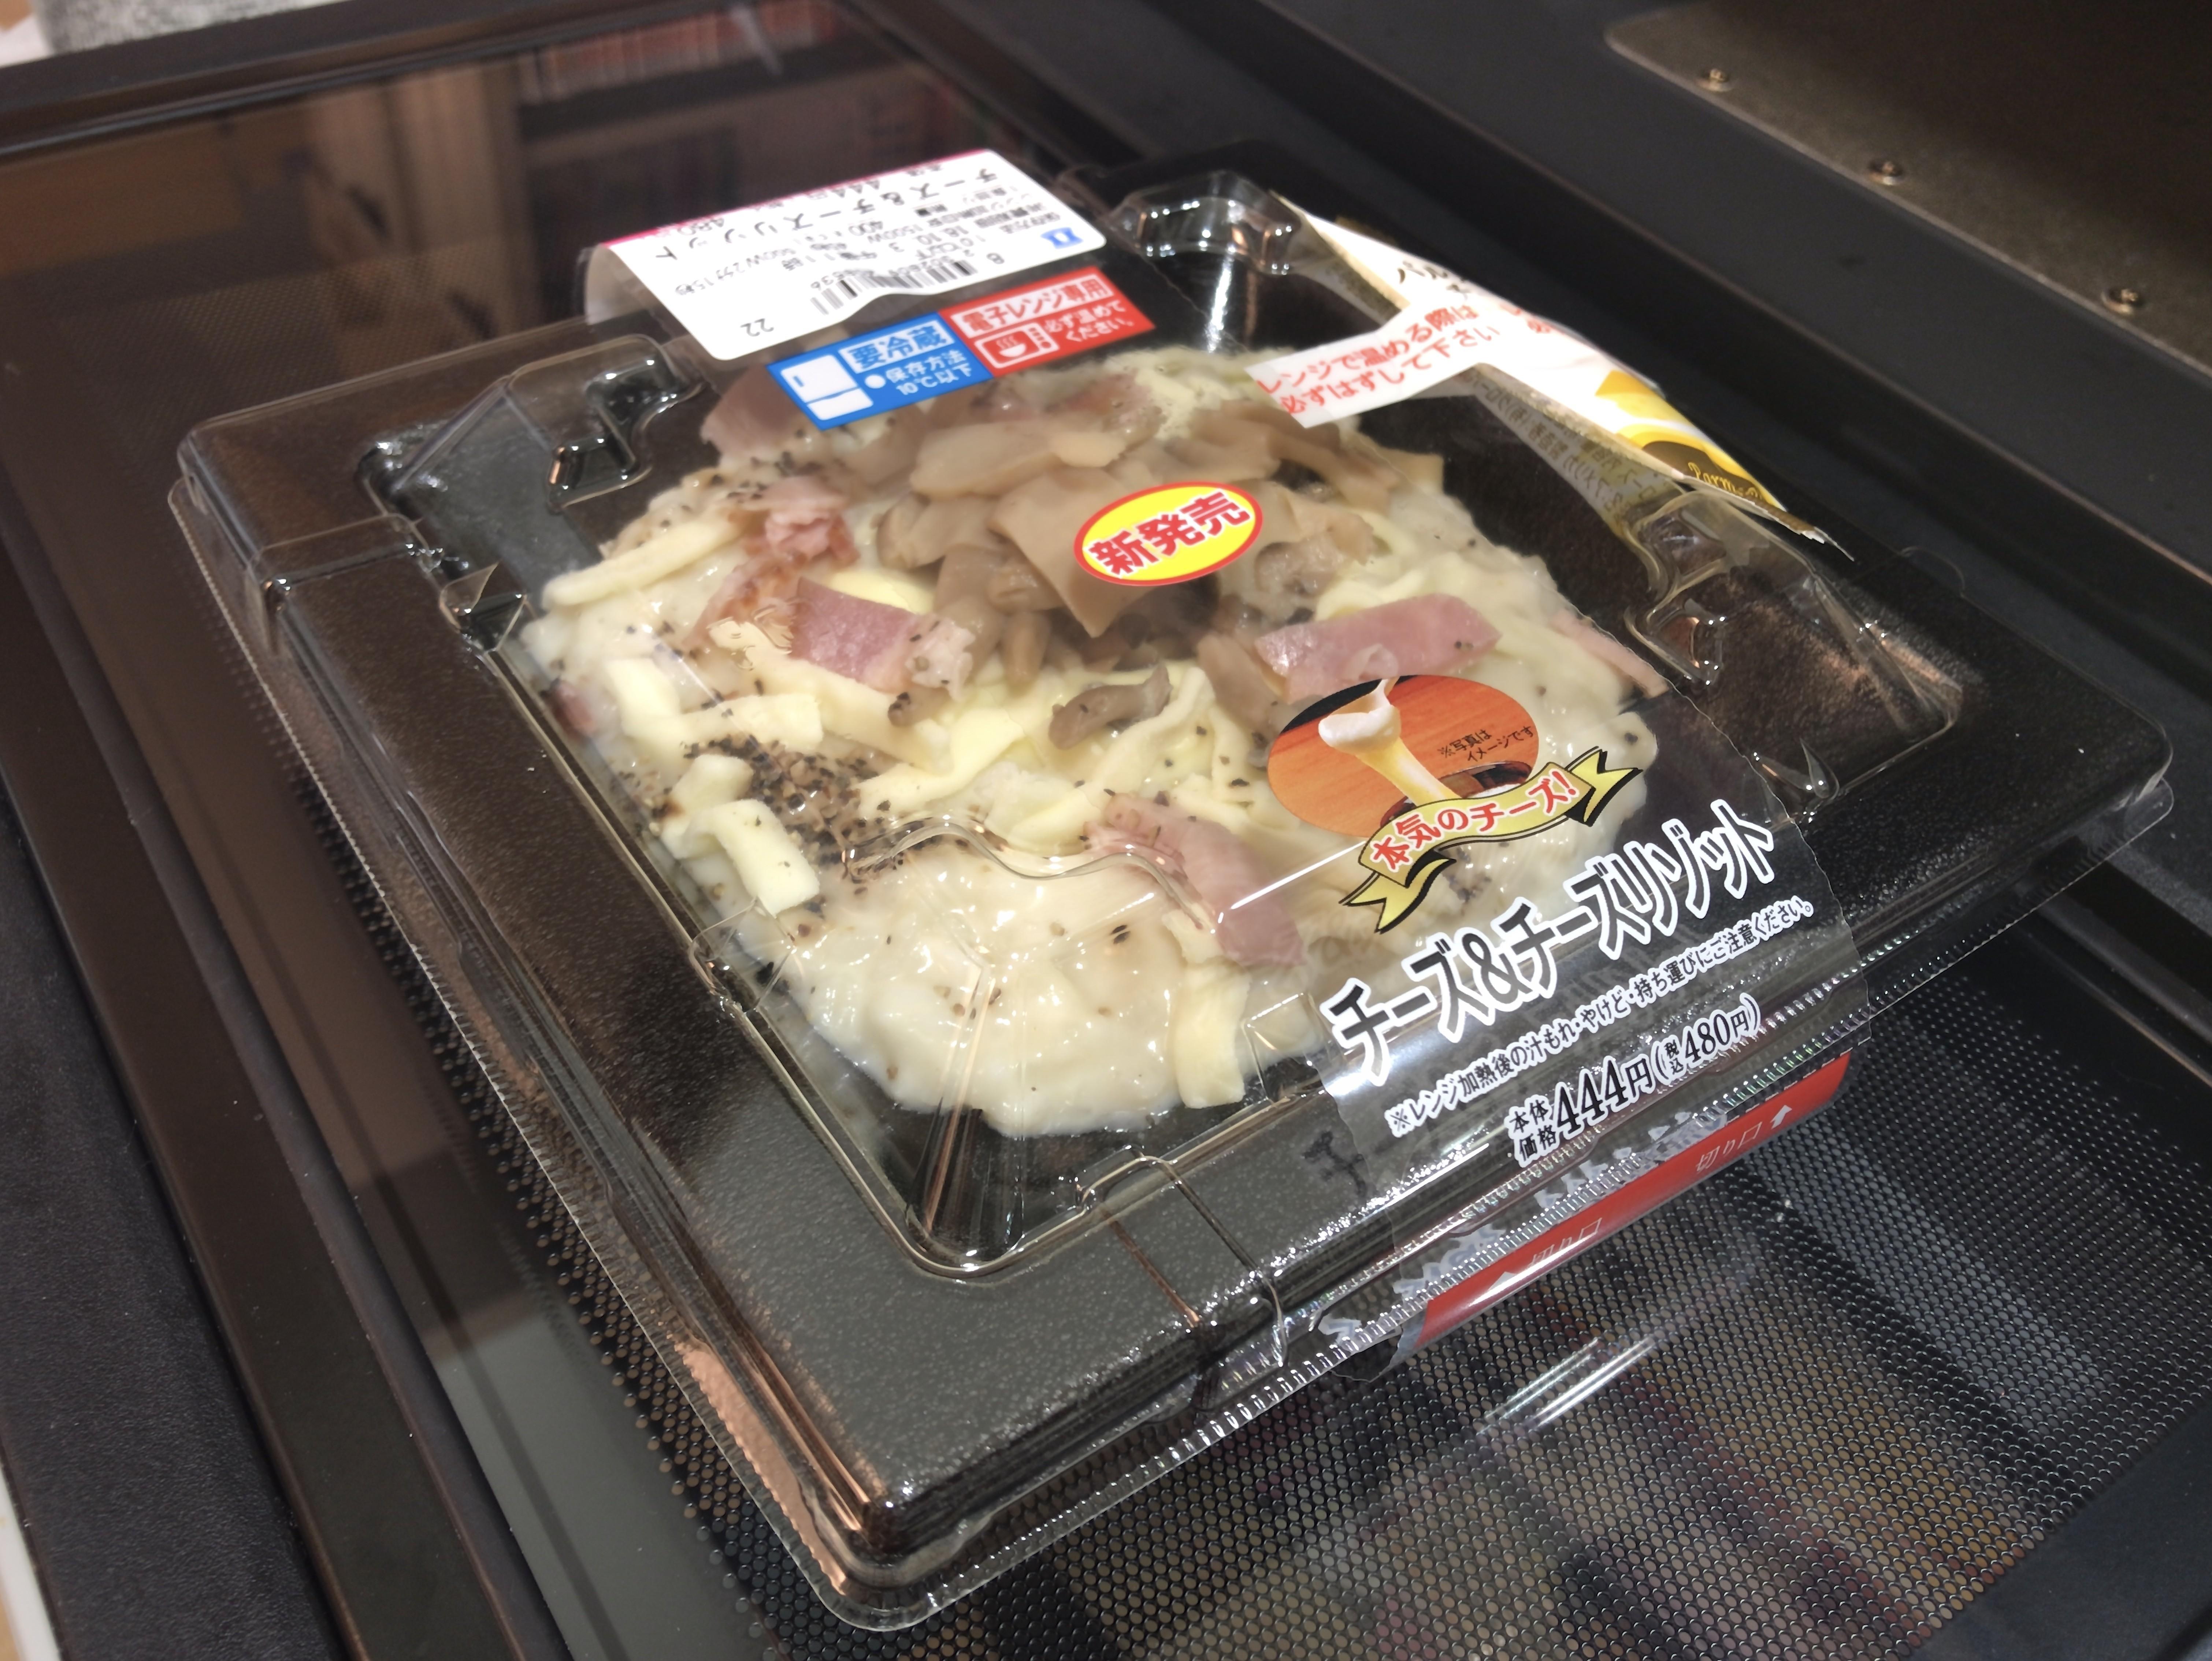 ローソン チーズ&チーズリゾット 税込み480円 400kcal